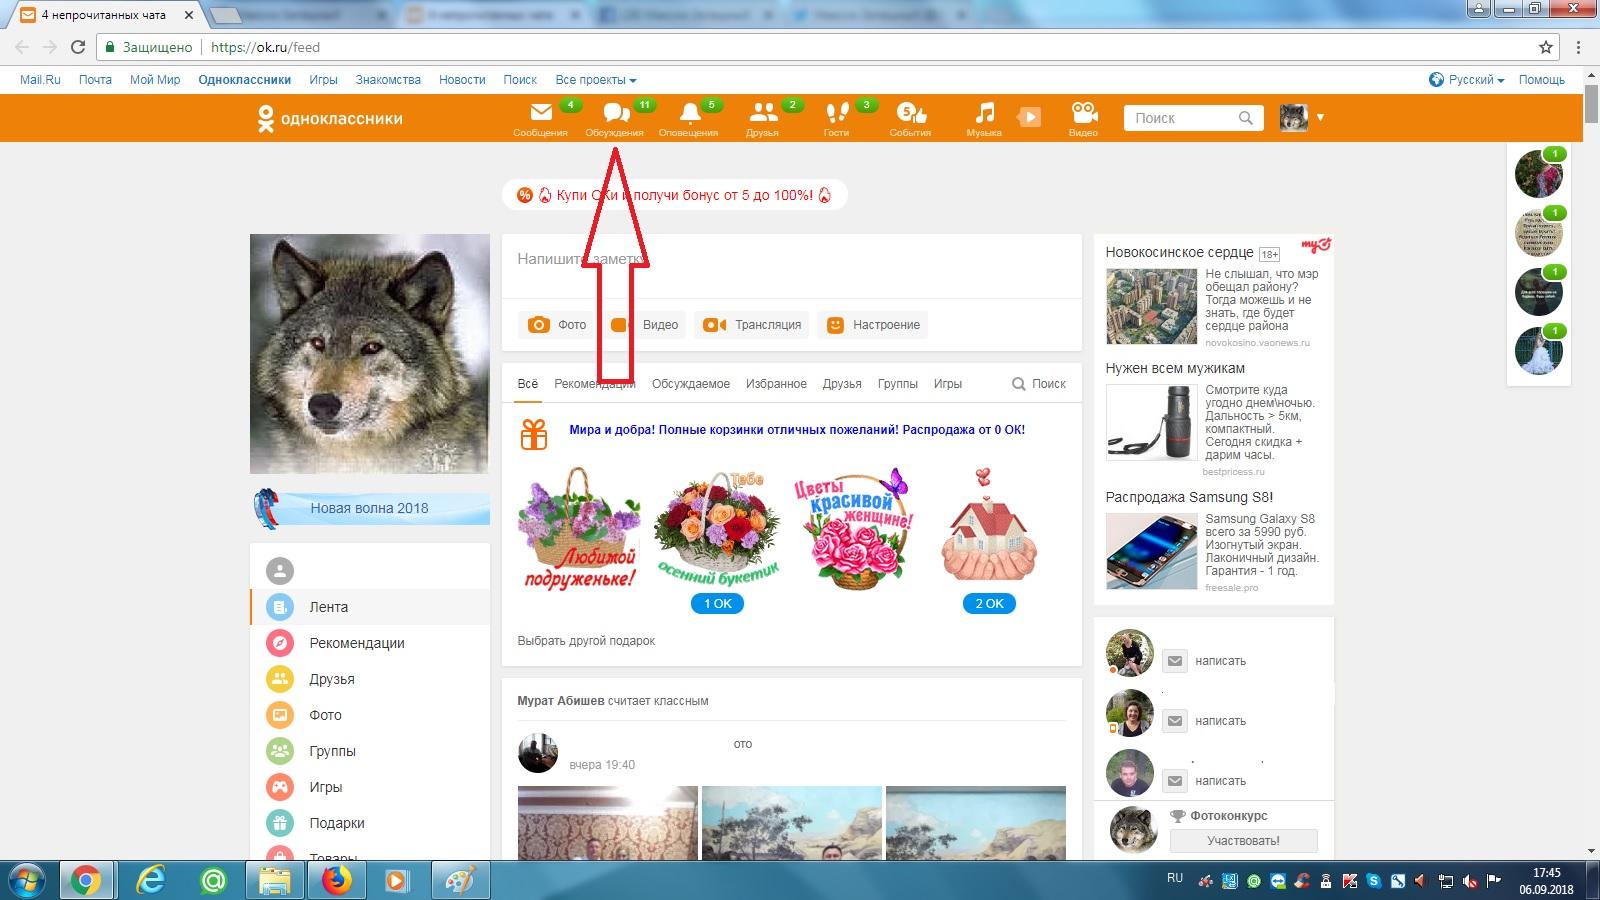 Как удалить обсуждения и комментарии в Одноклассниках?